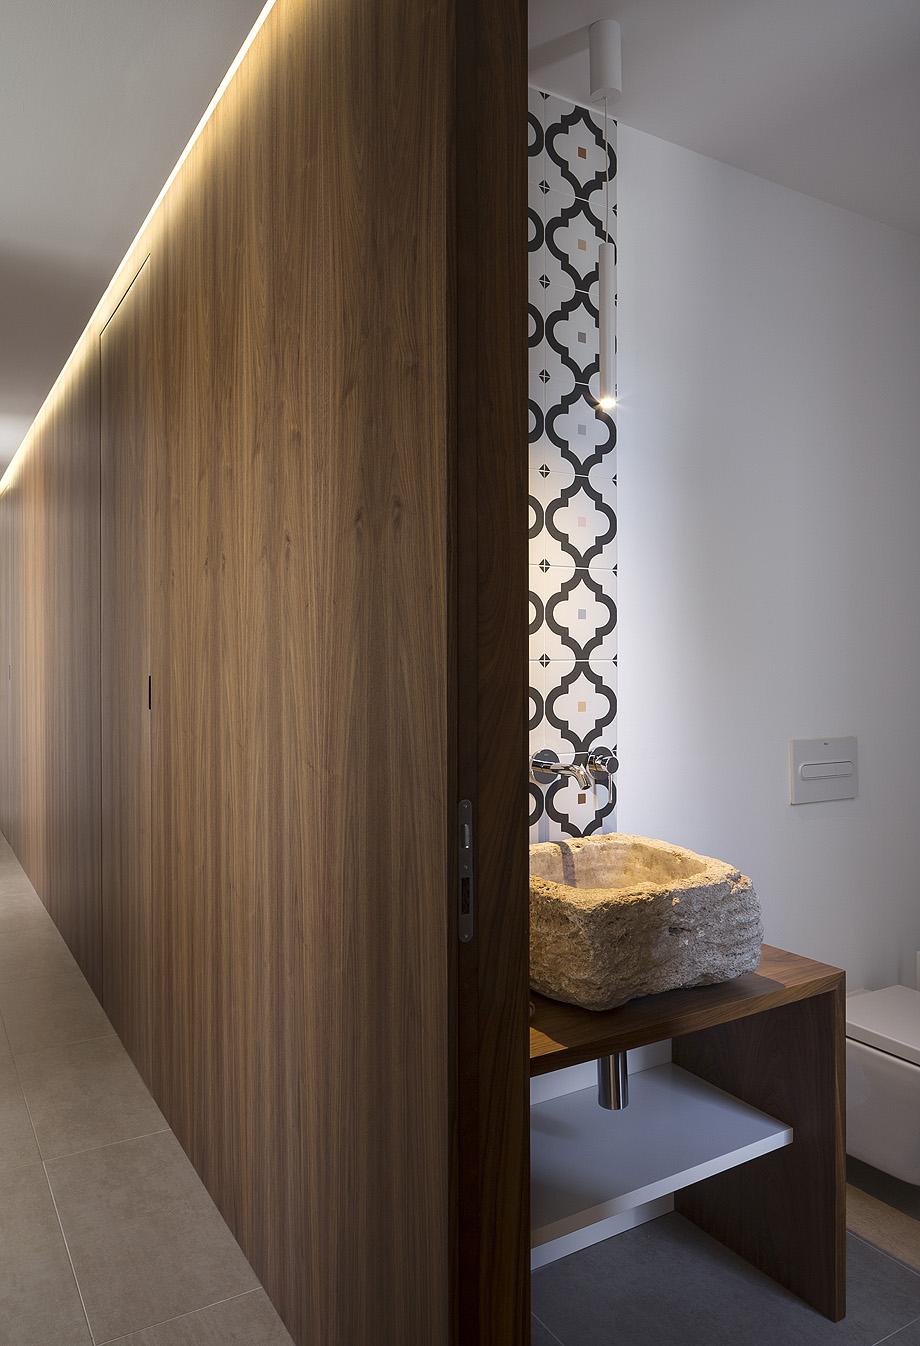 casa pi smb arquitectura + nonna design projects - foto david zarzoso (11)